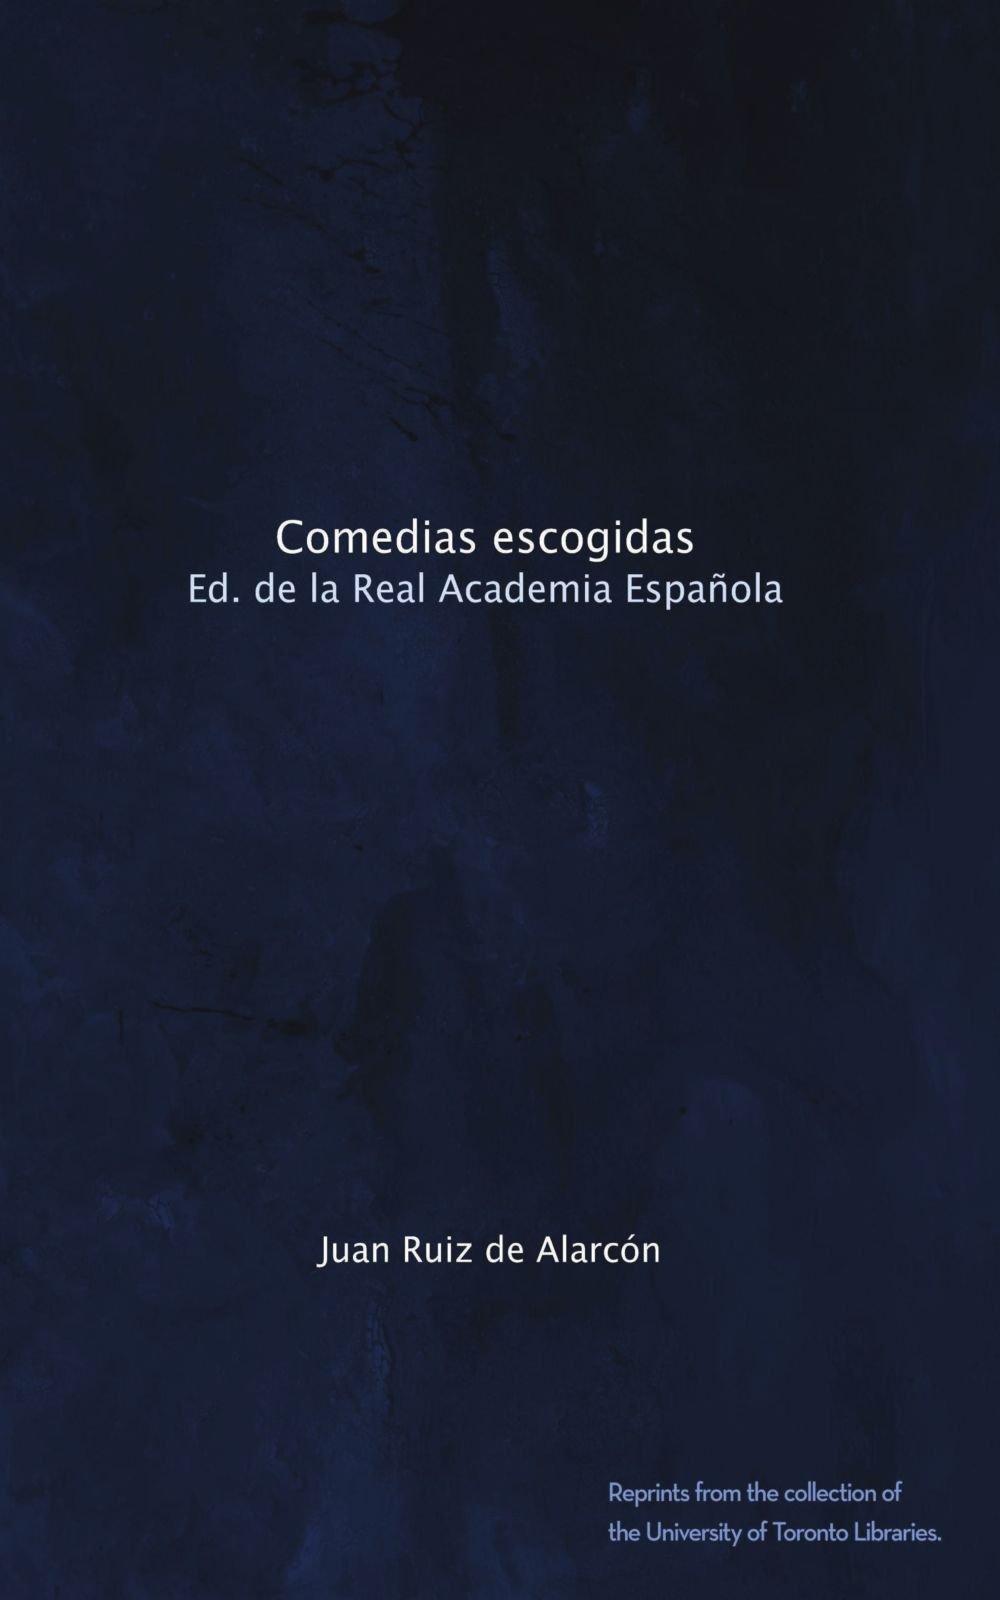 Comedias escogidas: Ed. de la Real Academia Española ebook